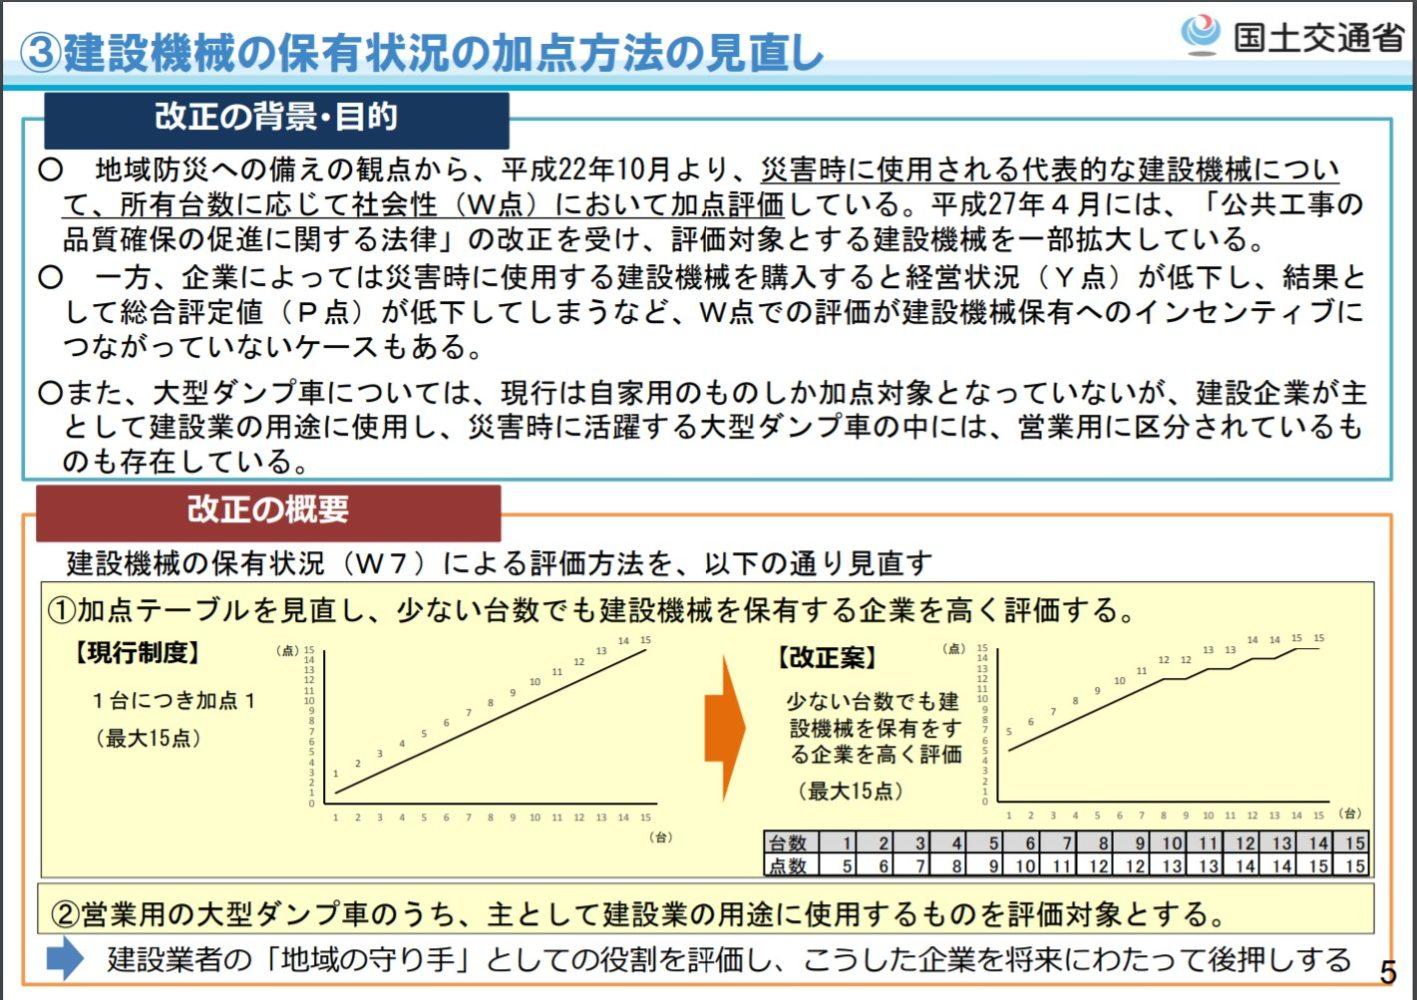 経審改正3